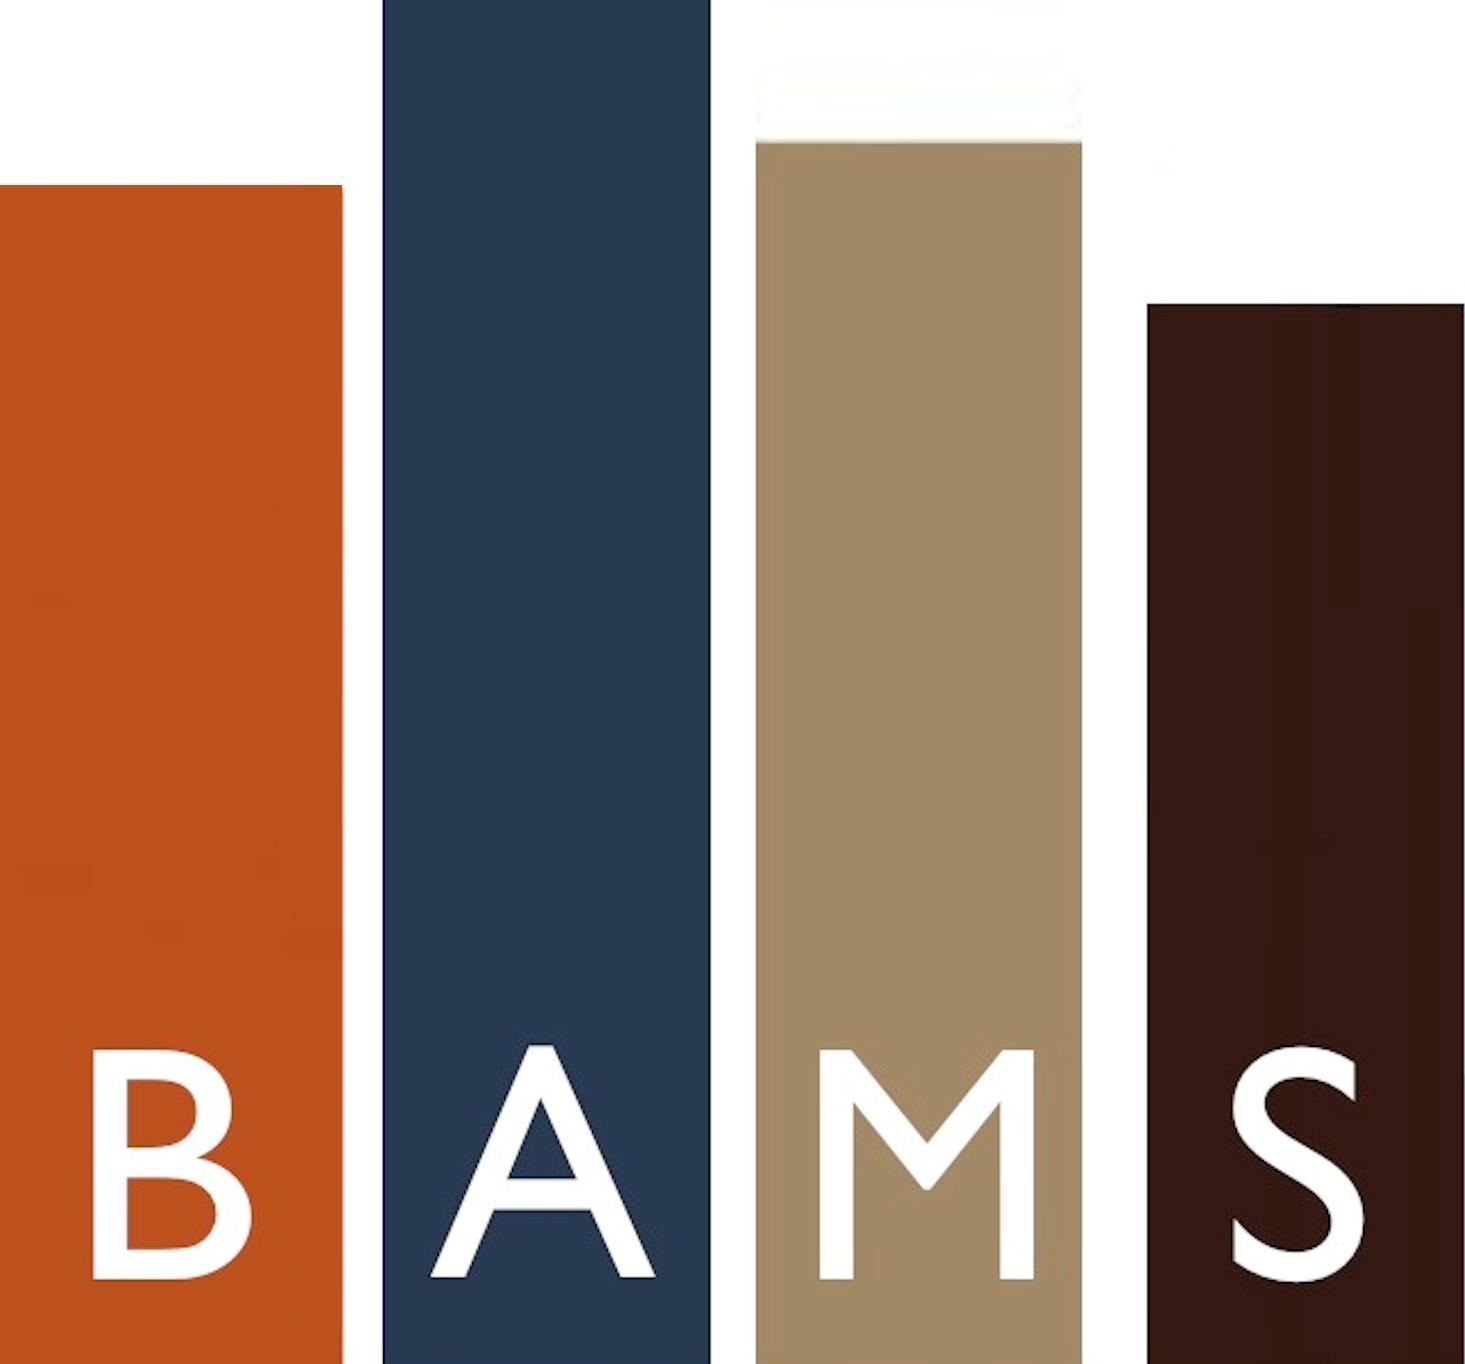 bams modernist studies essay prize com bams